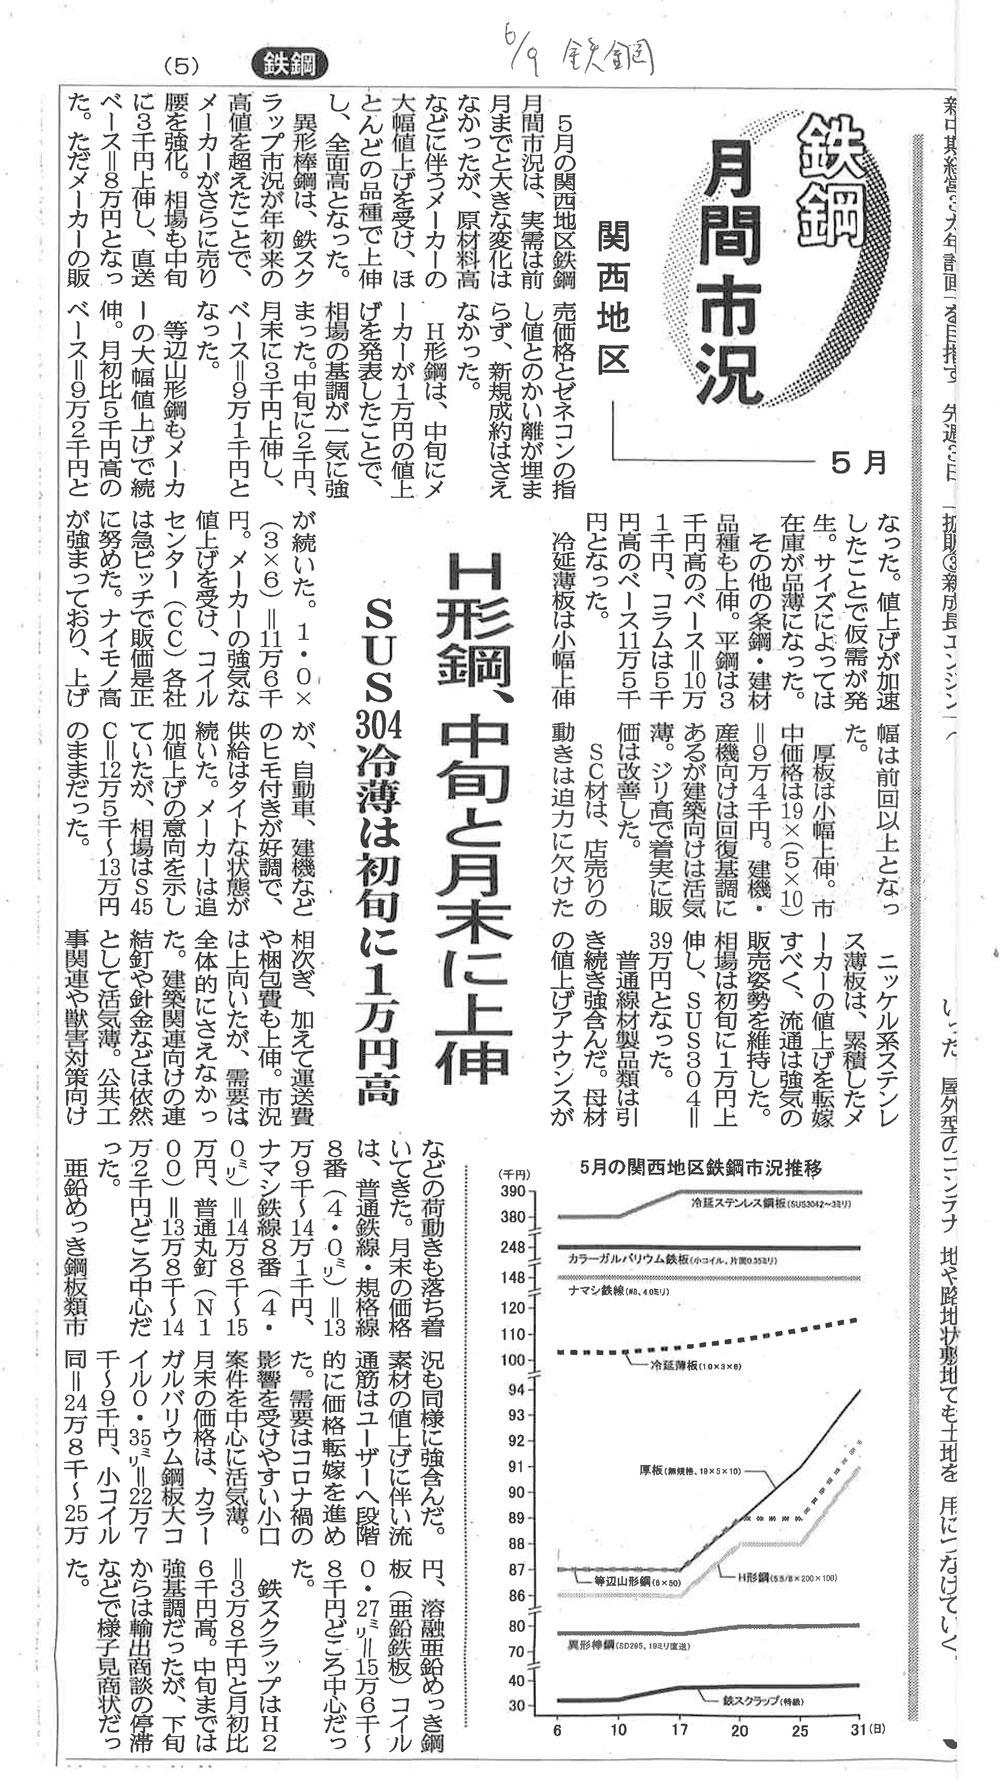 20210609鉄鋼新聞